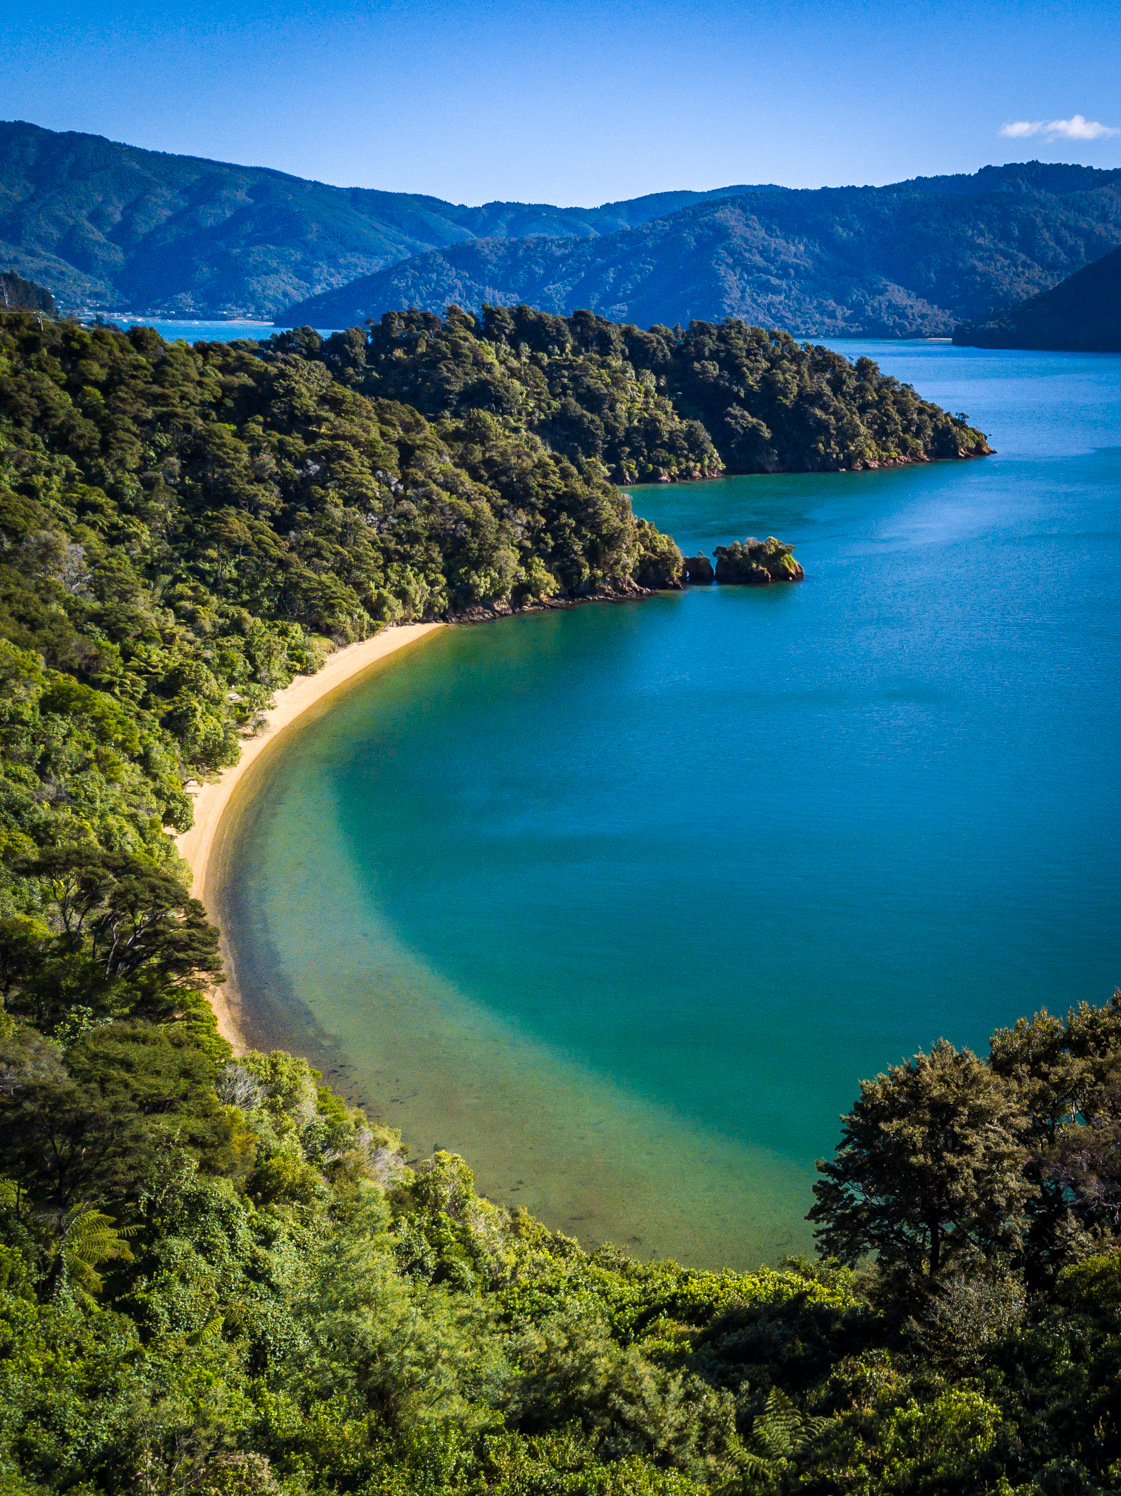 Cullen Point - Marlborough Sounds, New Zealand